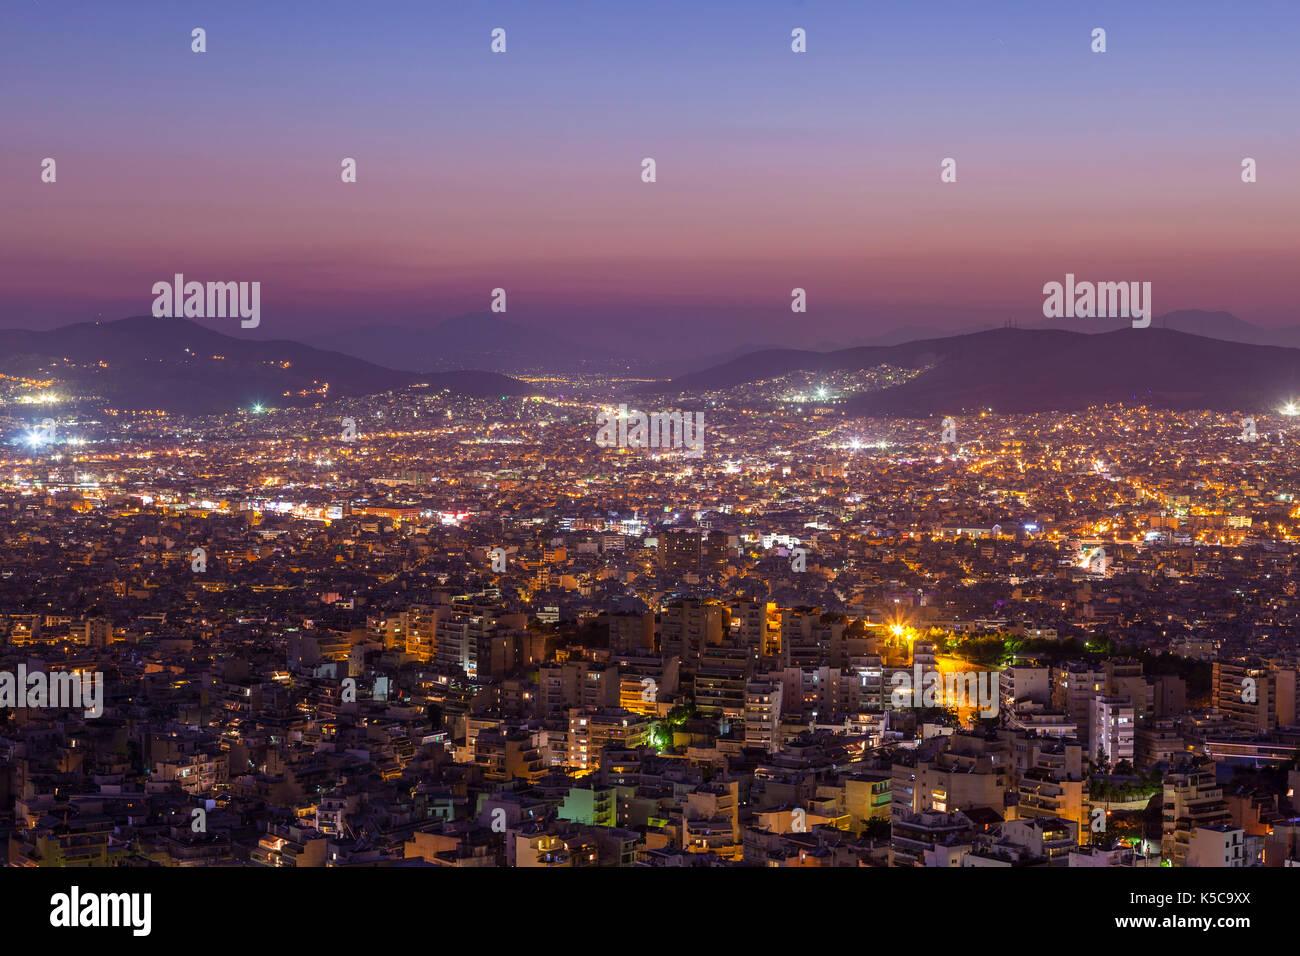 Vista panoramica di Atene, Grecia, a destra dopo il tramonto. Immagini Stock